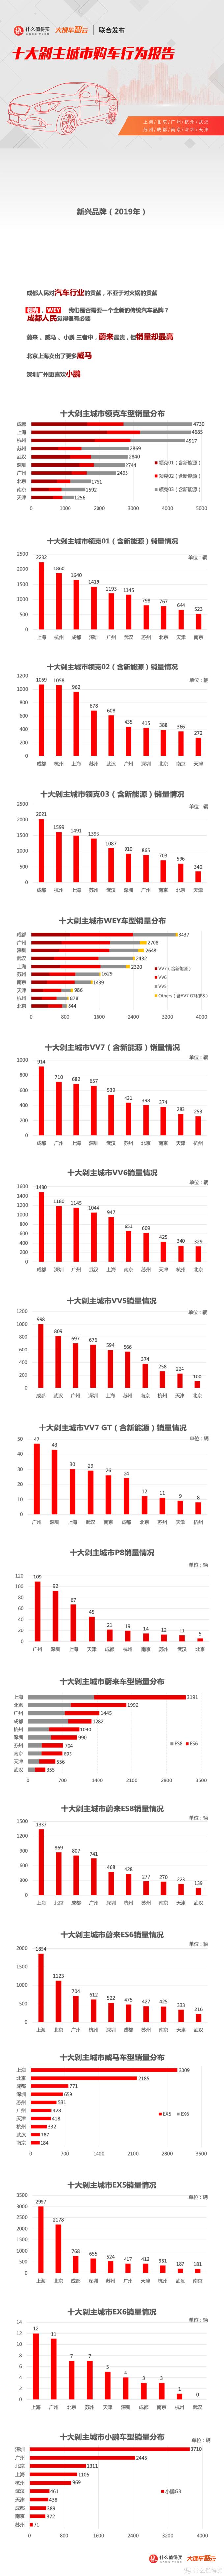 十大剁主城市购车行为报告:成都买走了最多WEY和最多领克